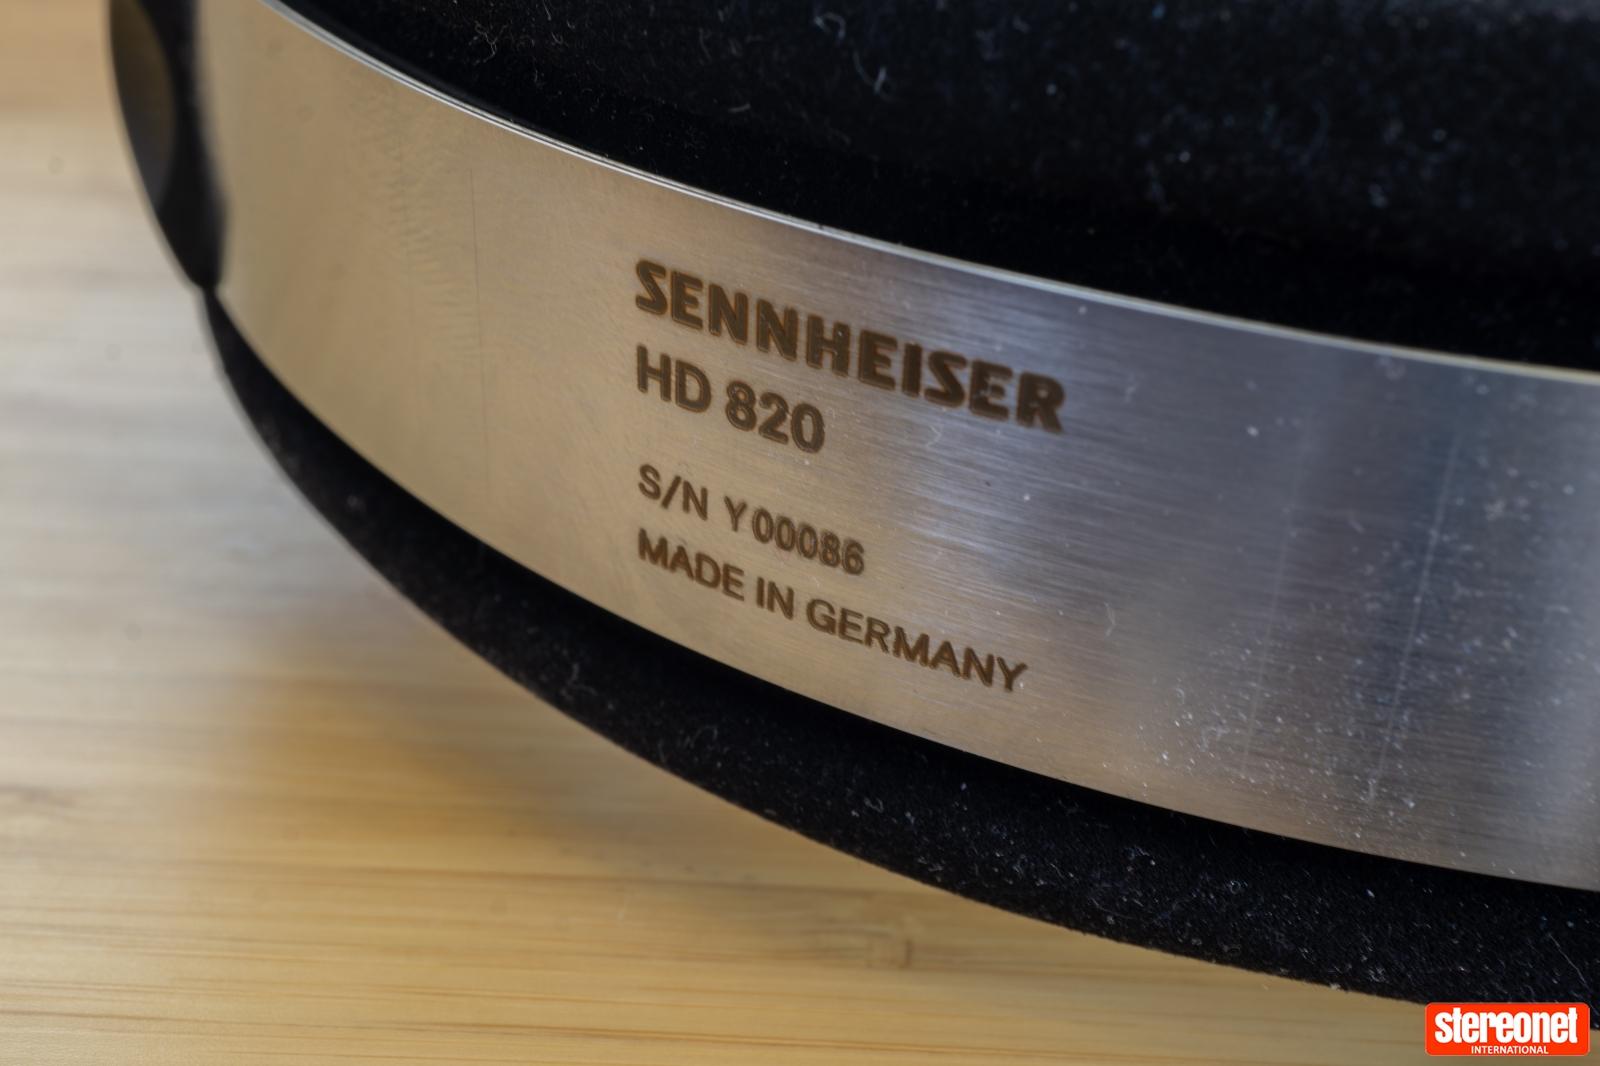 Sennheiser HD 820 Serial Number